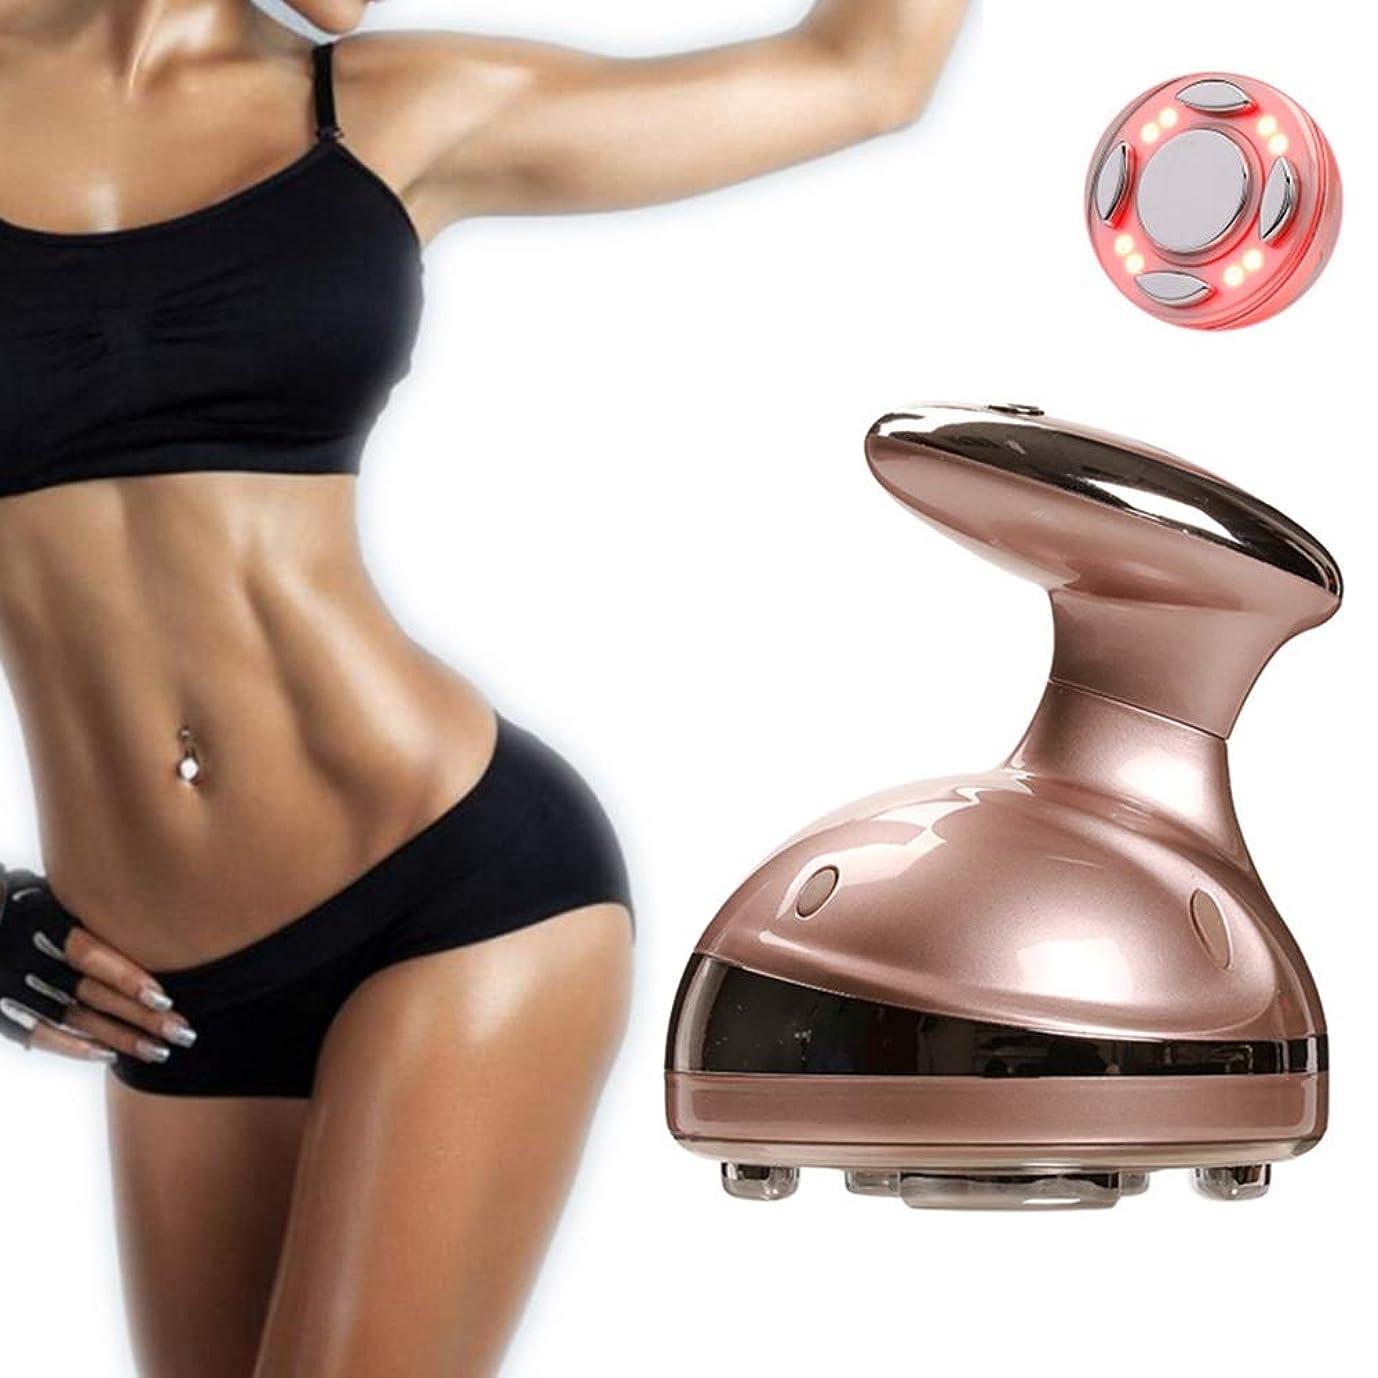 スケッチ脱走階層脂肪を除去するポータブル整形機械整形装置および超音波システムは腕の腹部の下であなたの足を形づける